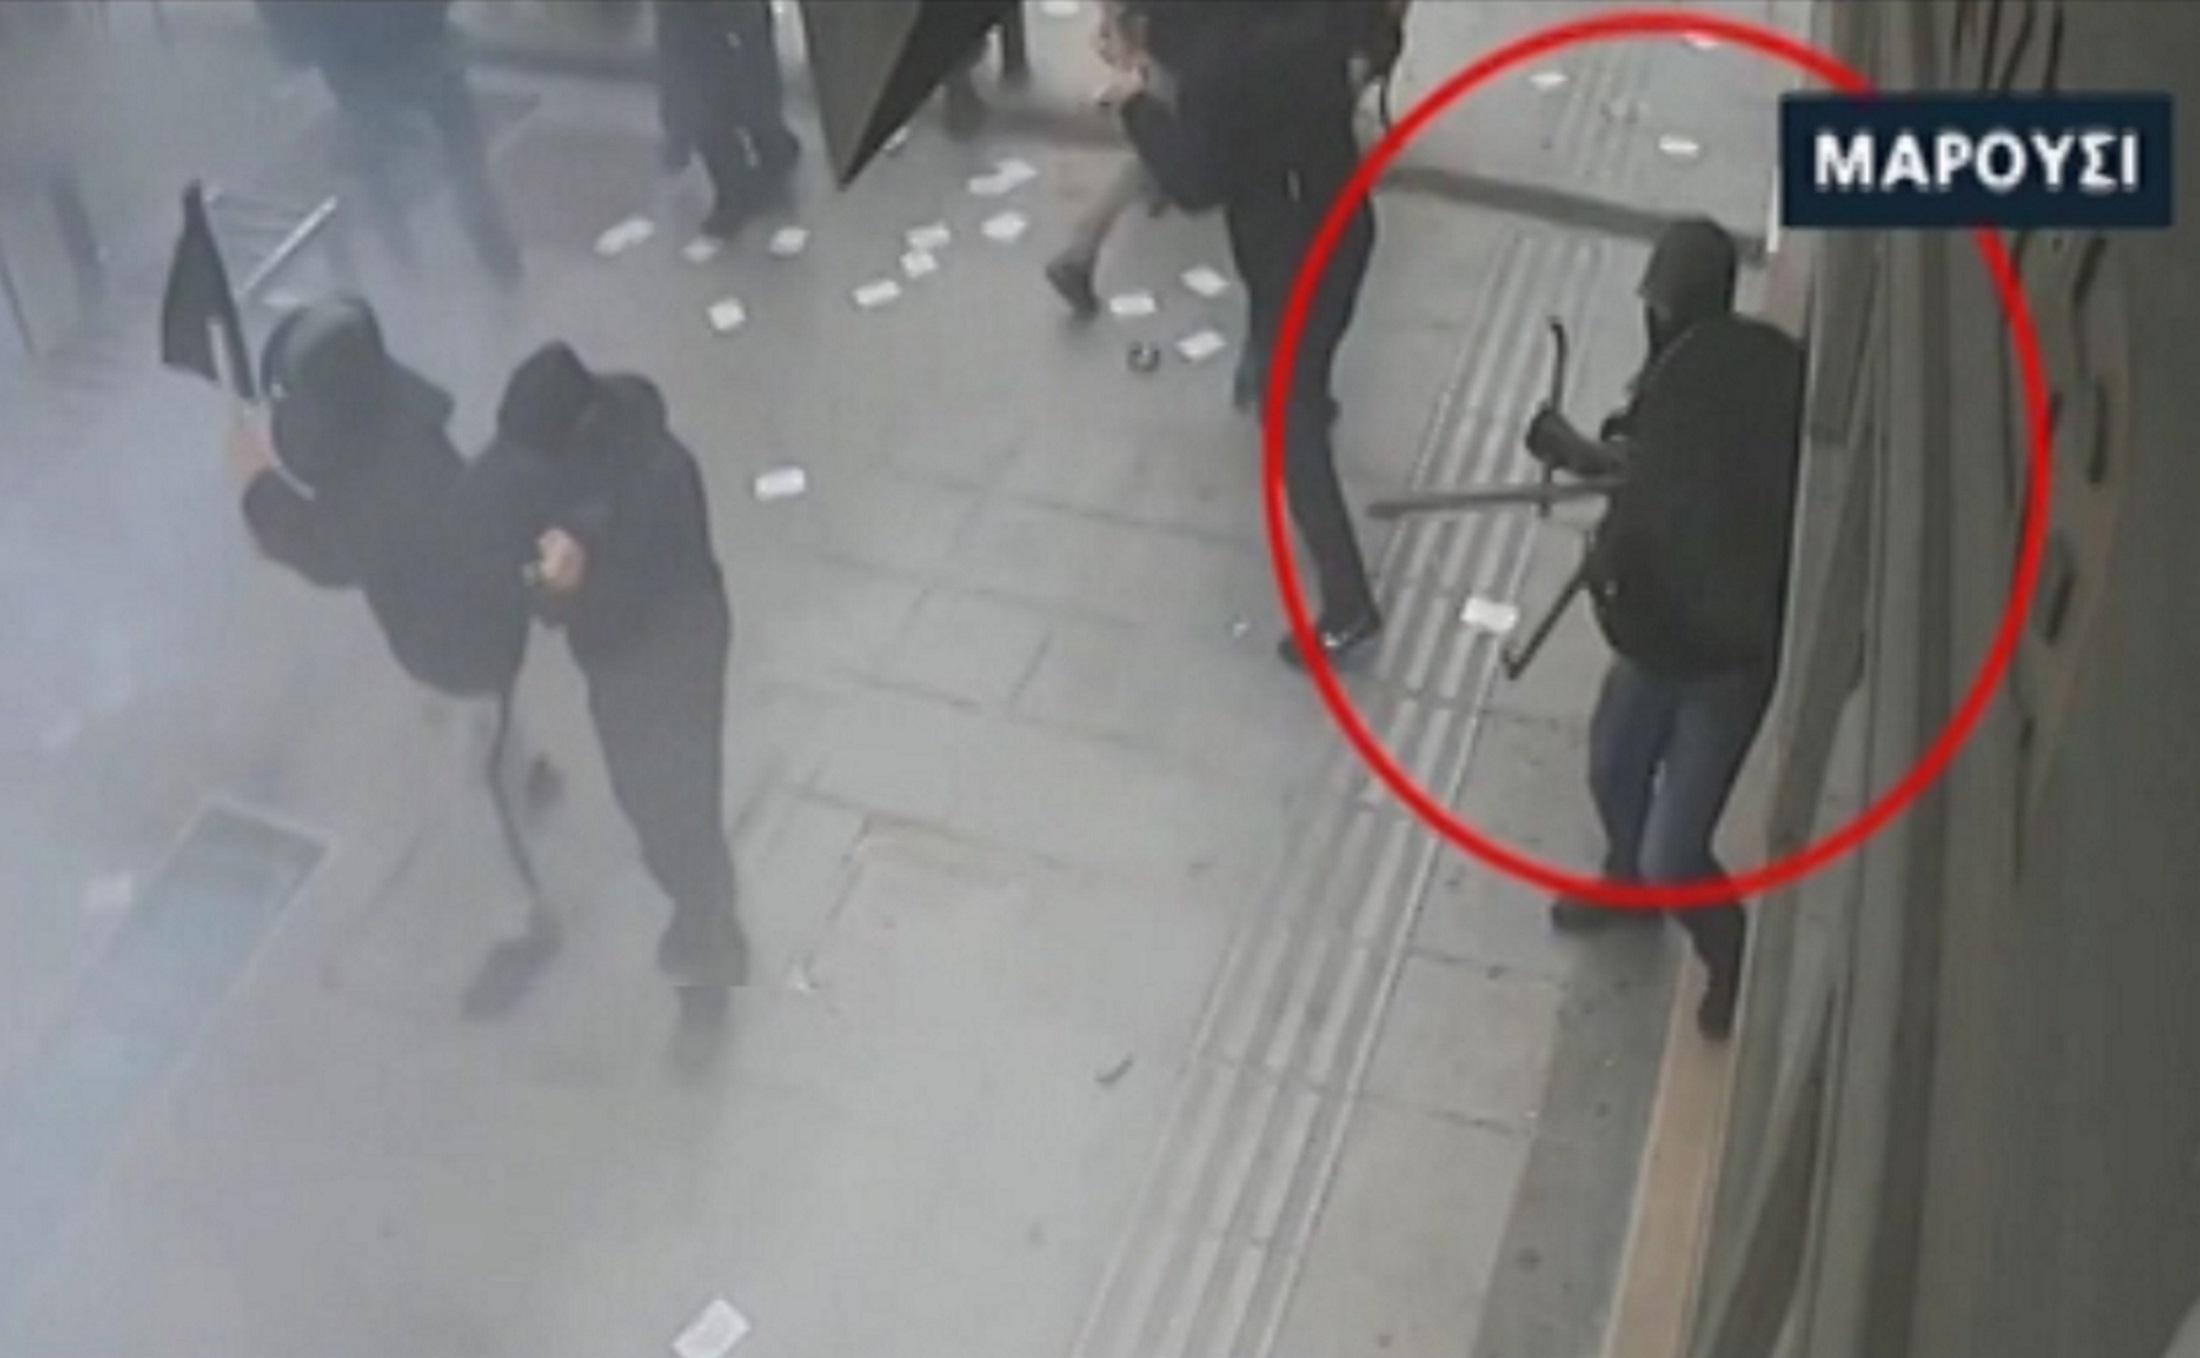 Μαρούσι: Σοκαριστικές εικόνες από την επίθεση αντιεξουσιαστών κατά αστυνομικών μέσα στον κόσμο!